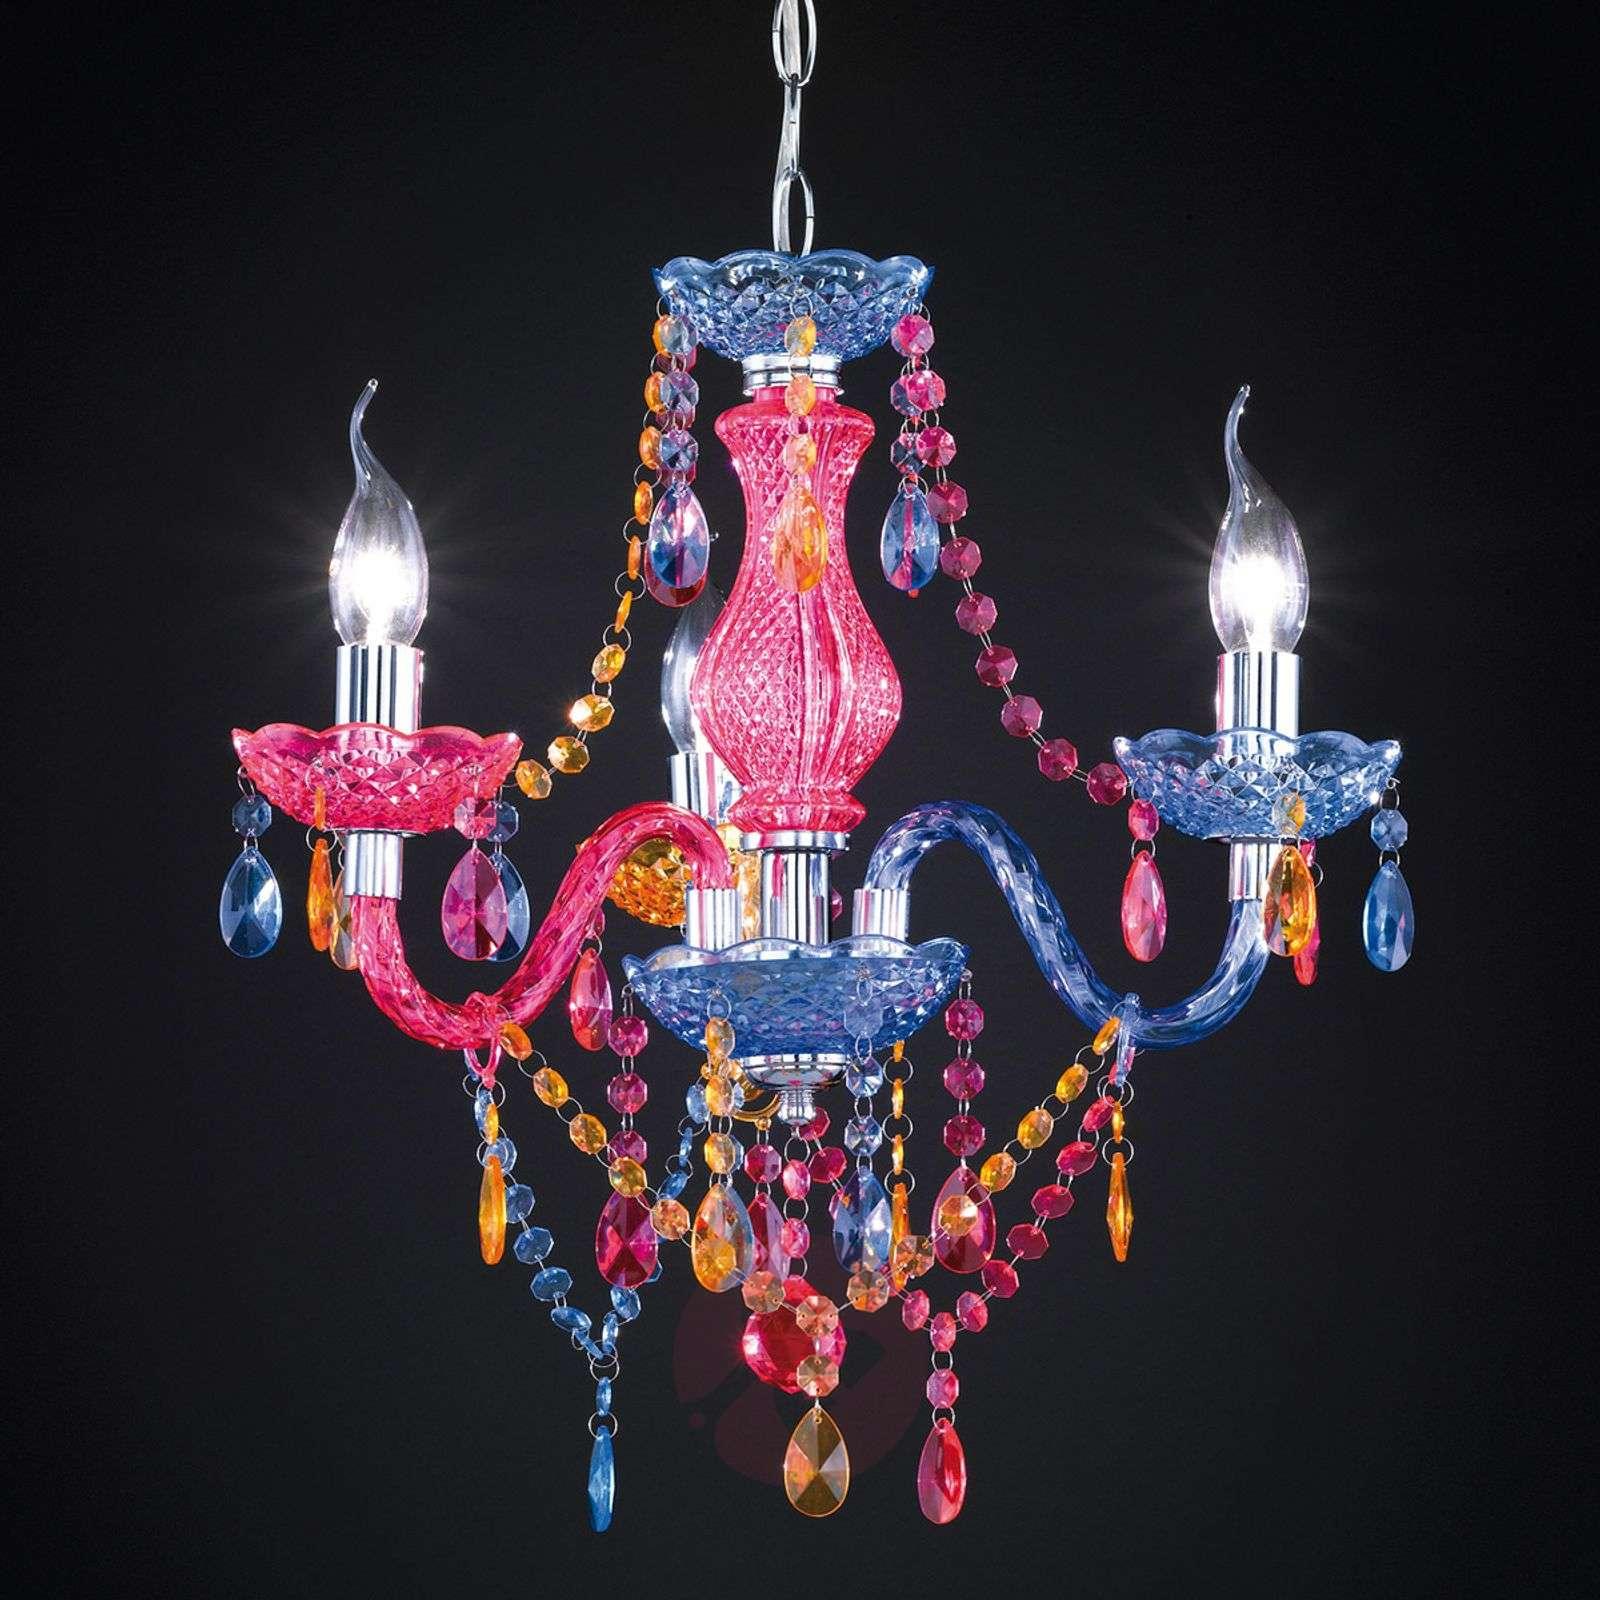 Multi-col. Perdita chandelier with acrylic deco-8029051-01